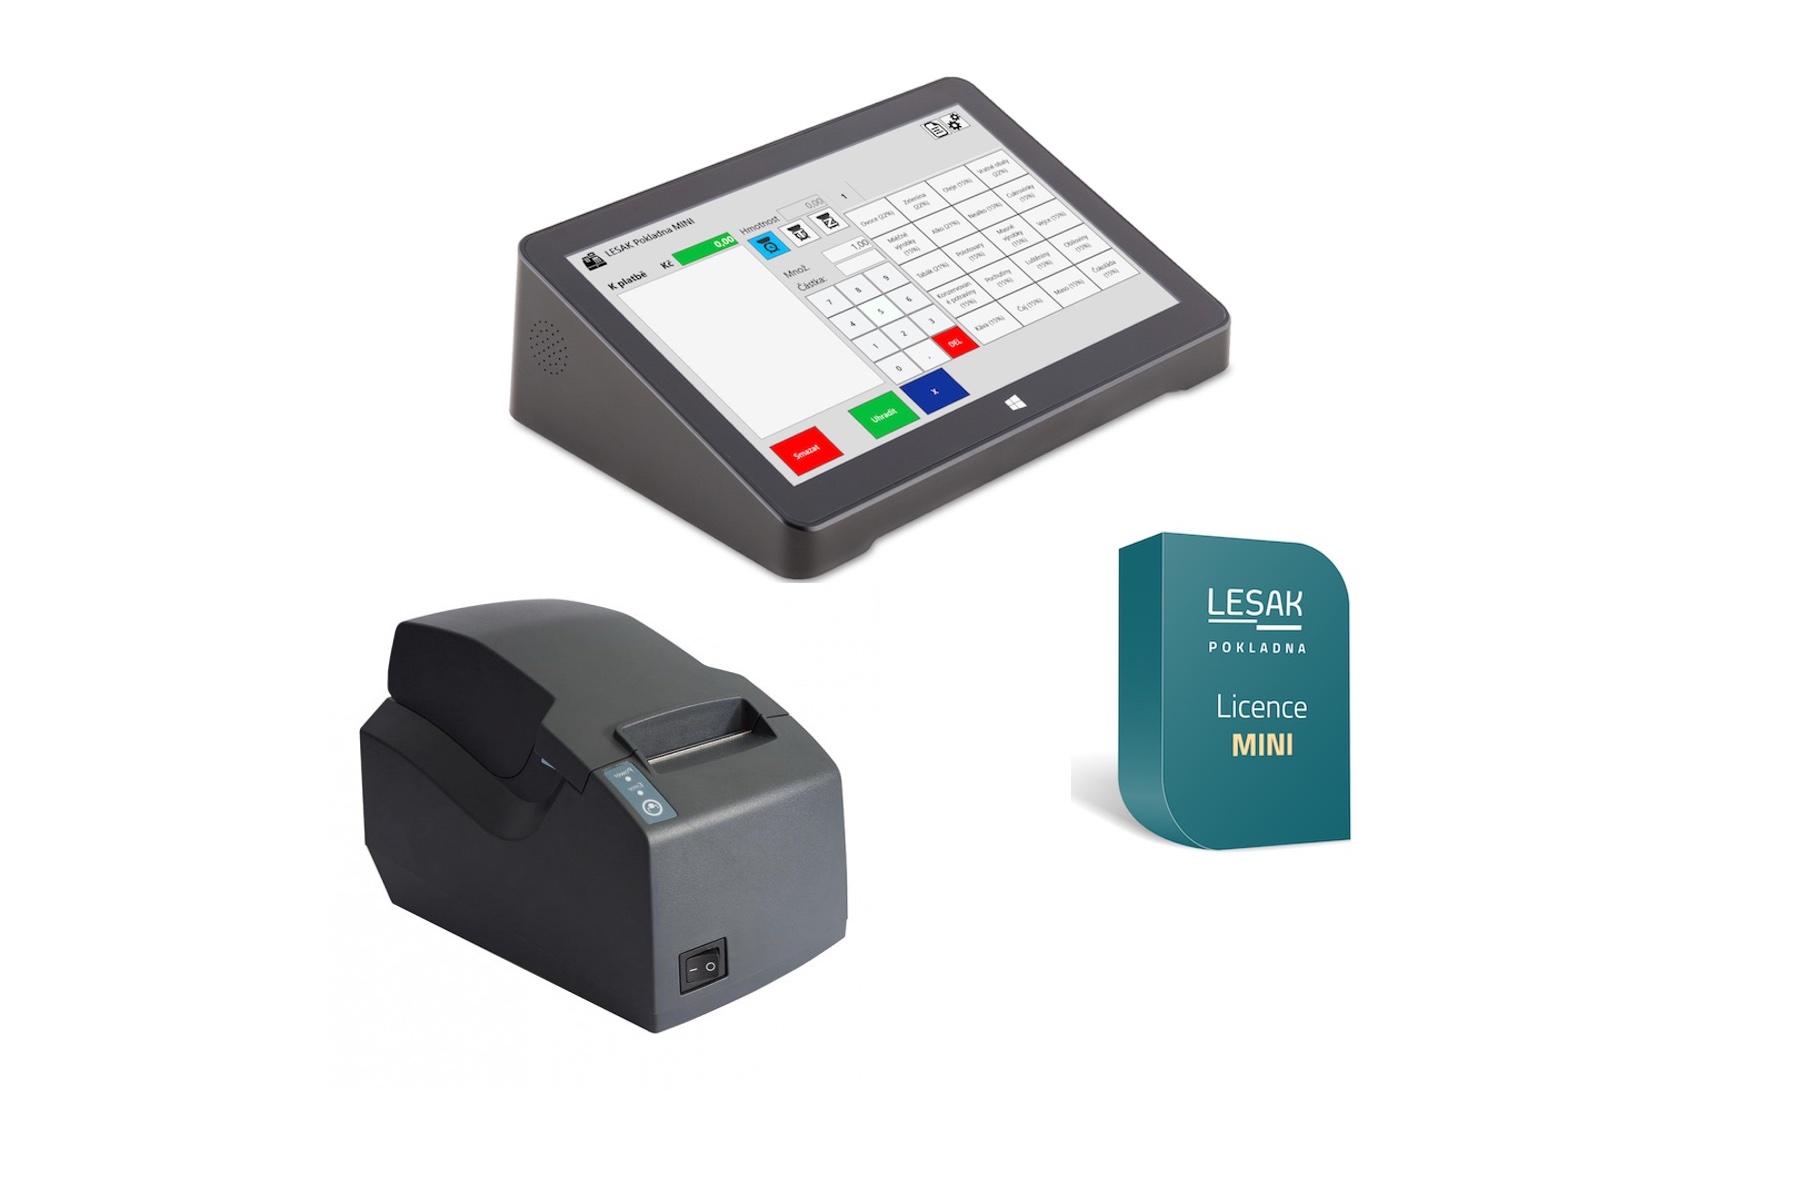 """LESAK MINIPOS11 + POKLADNA MINI, pokladna pro EET (Jednoduché řešení pro EET s 11"""" dotykovým LCD displejem, tiskárnou a základním programem POKLADNA MINI.)"""